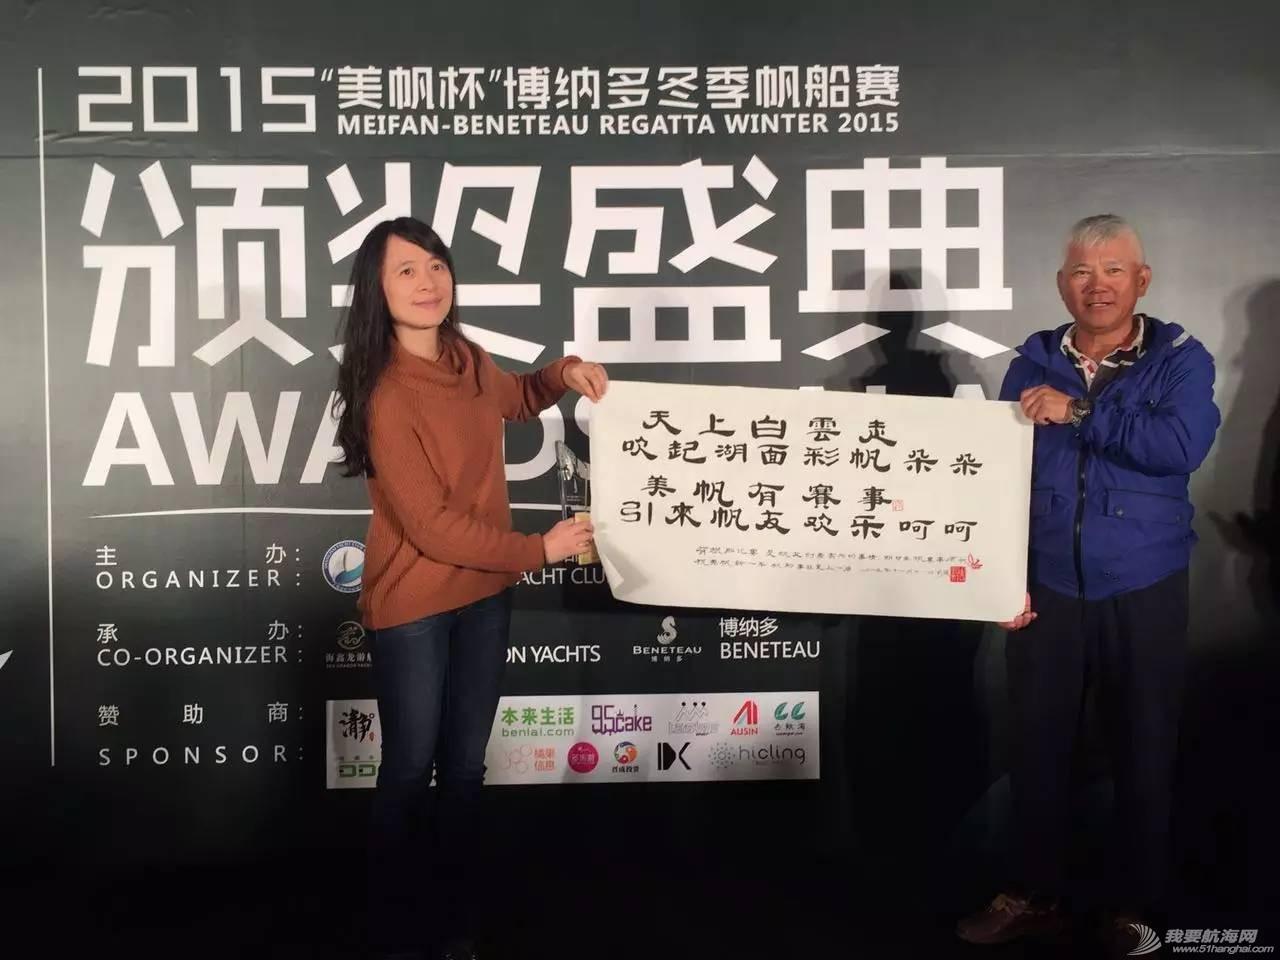 收藏丨2016年上海美帆帆船赛赛历全览 aaf838d7ff57f753cb152094c36683f3.jpg